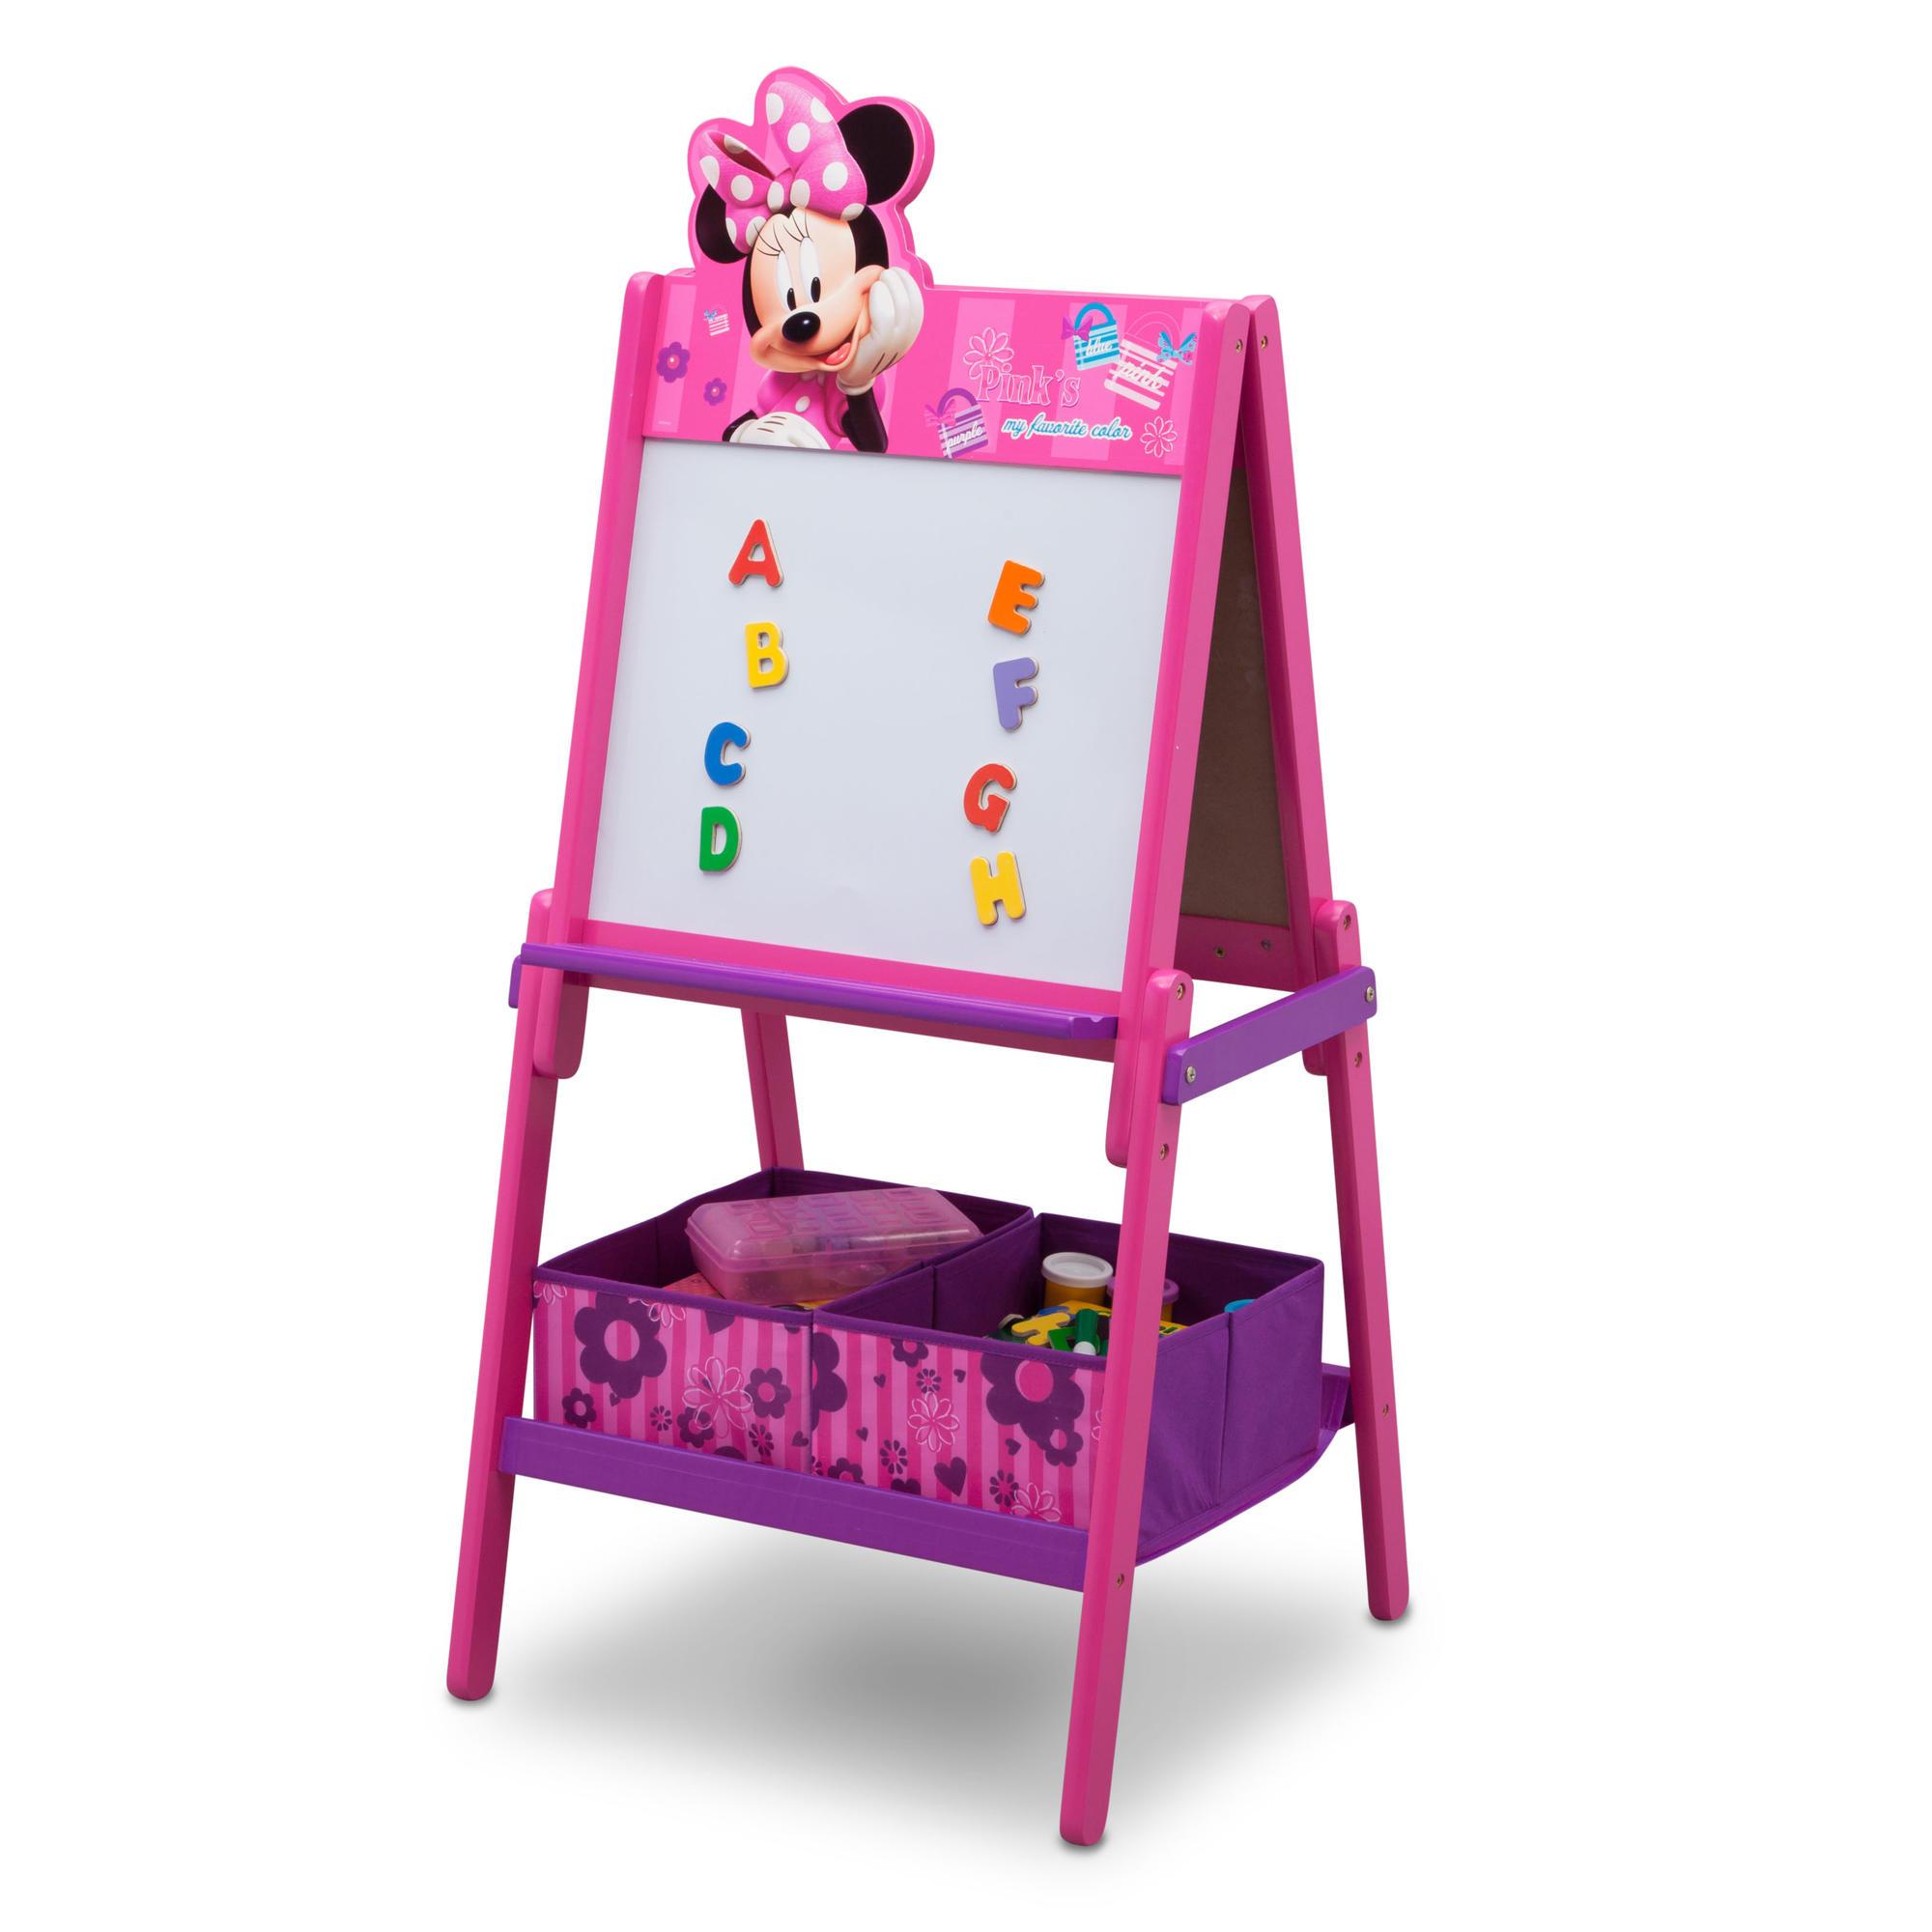 Oboustranná dětská tabule Minnie Mouse 2 v 1